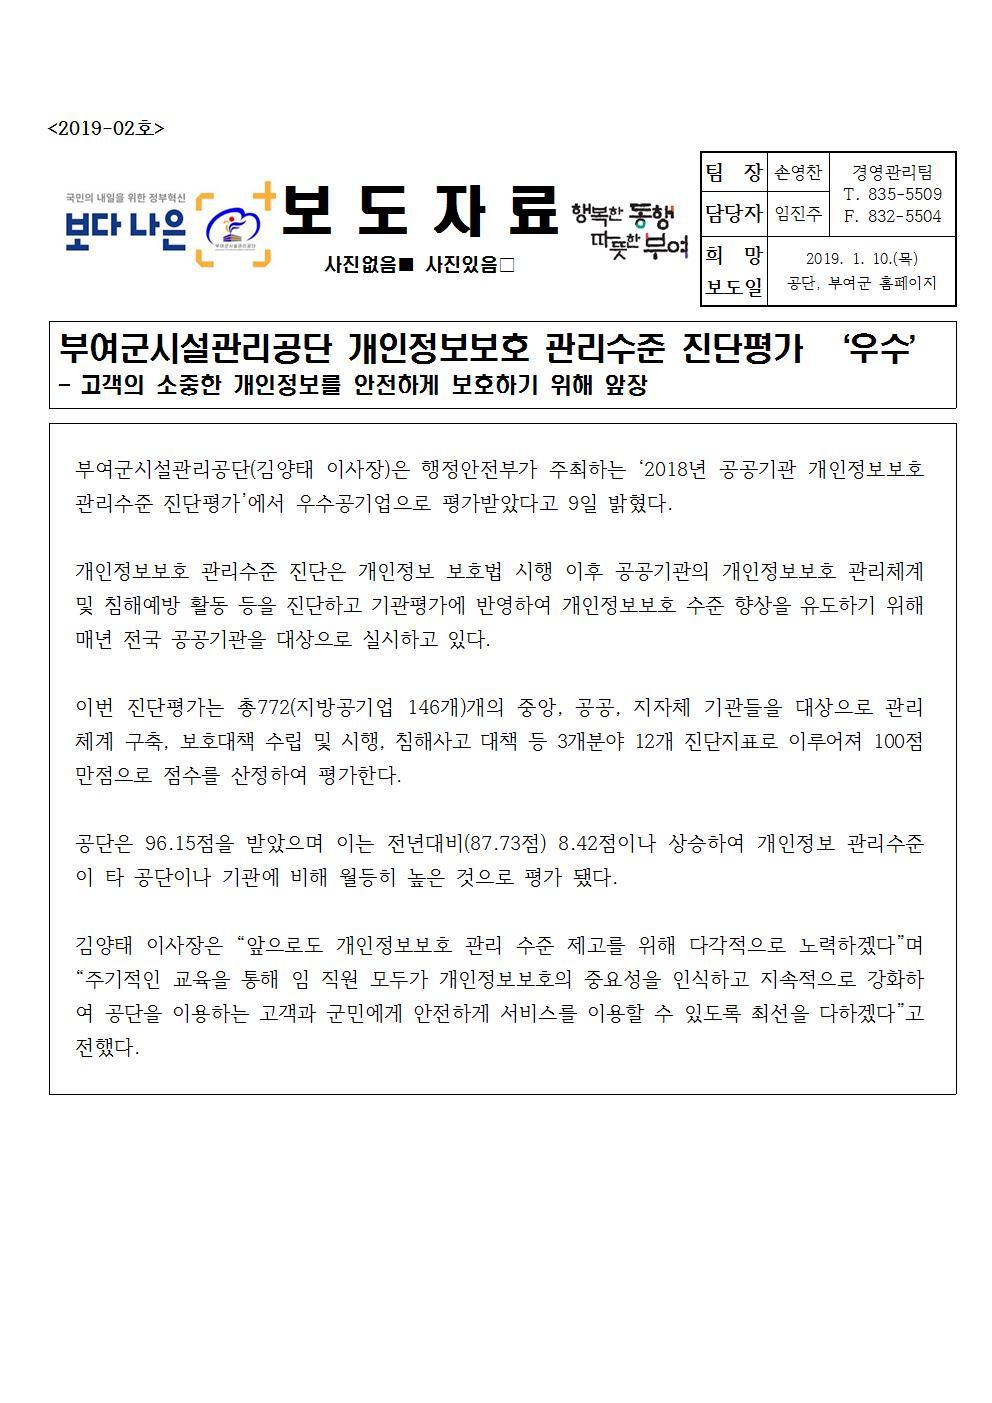 2019-02(경영관리팀-개인정보우수공기업)001.jpg